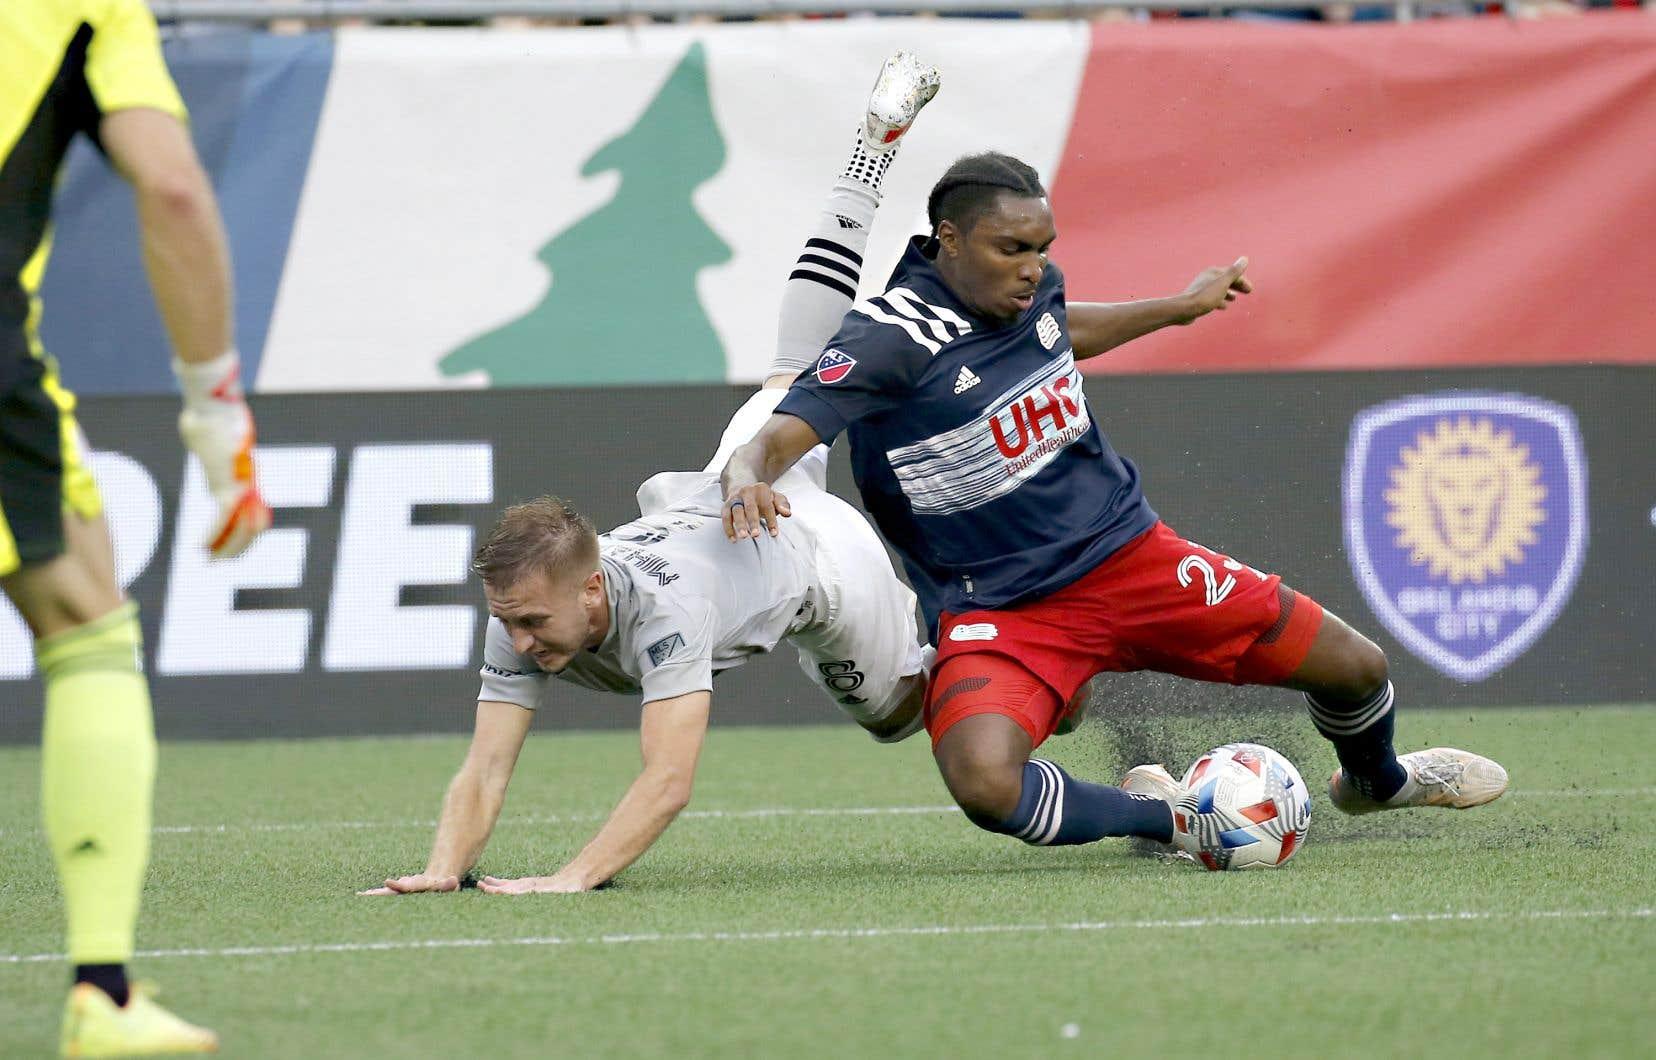 Djordje Mihailovic avait redonné l'espoir au CF Montréal, dimanche soir, en fin de match, contre le Revolution de la Nouvelle- Angleterre.